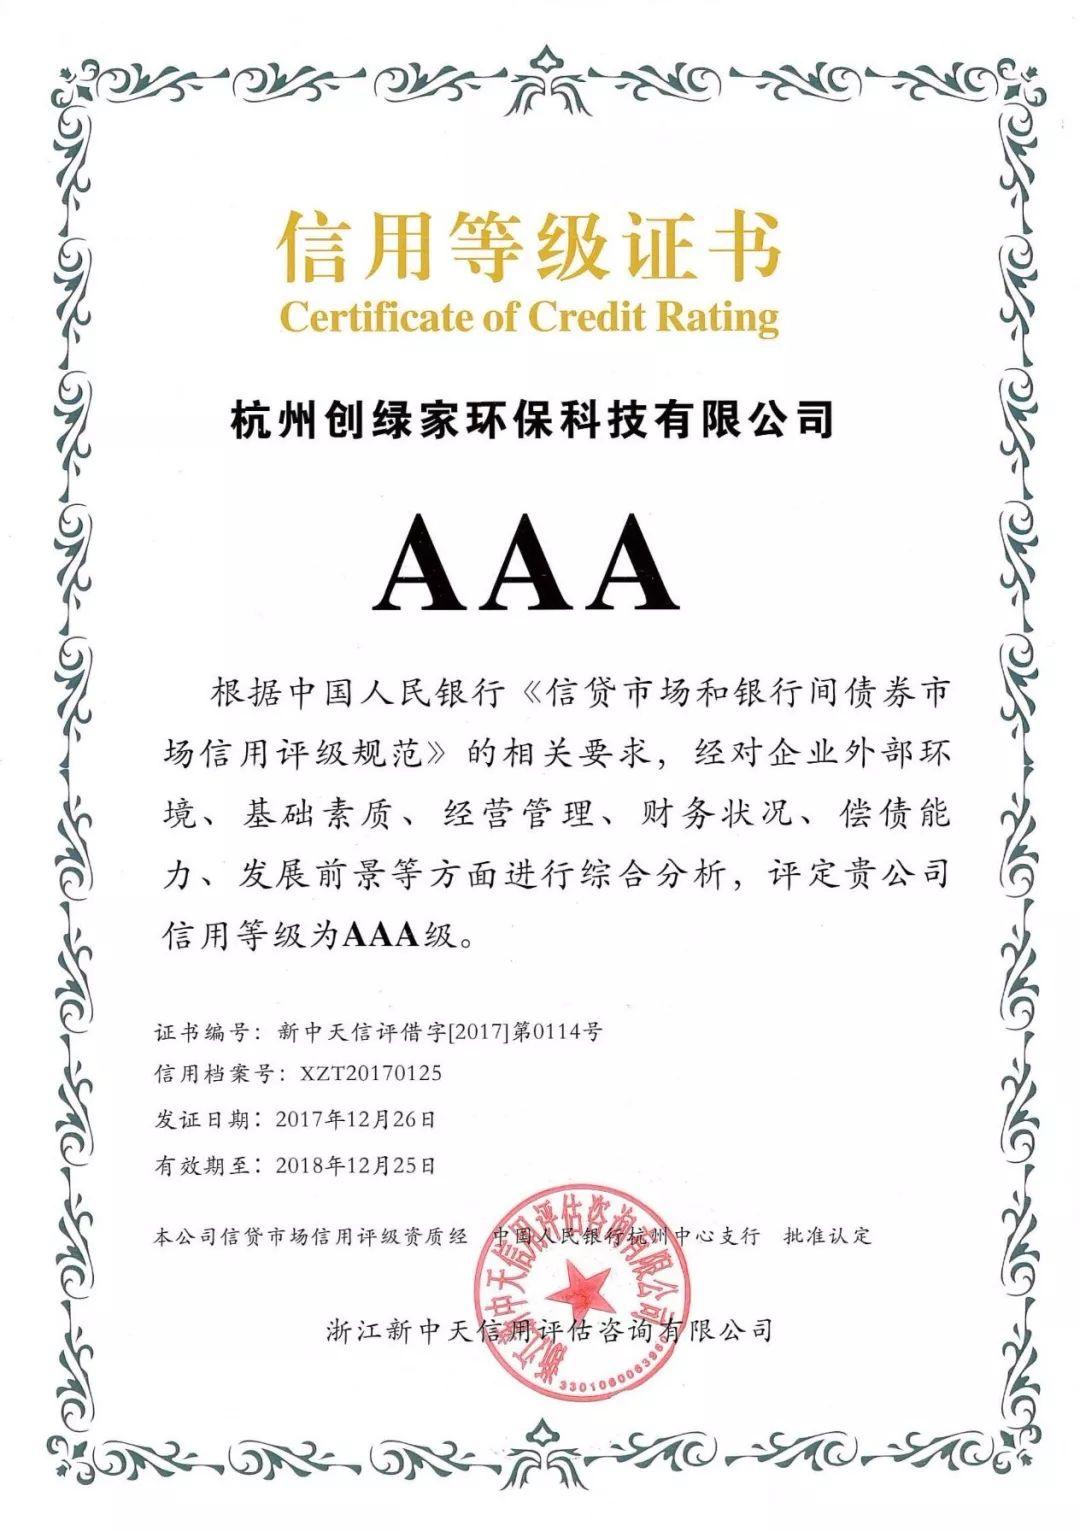 创绿家顺利通过AAA信用等级认证!